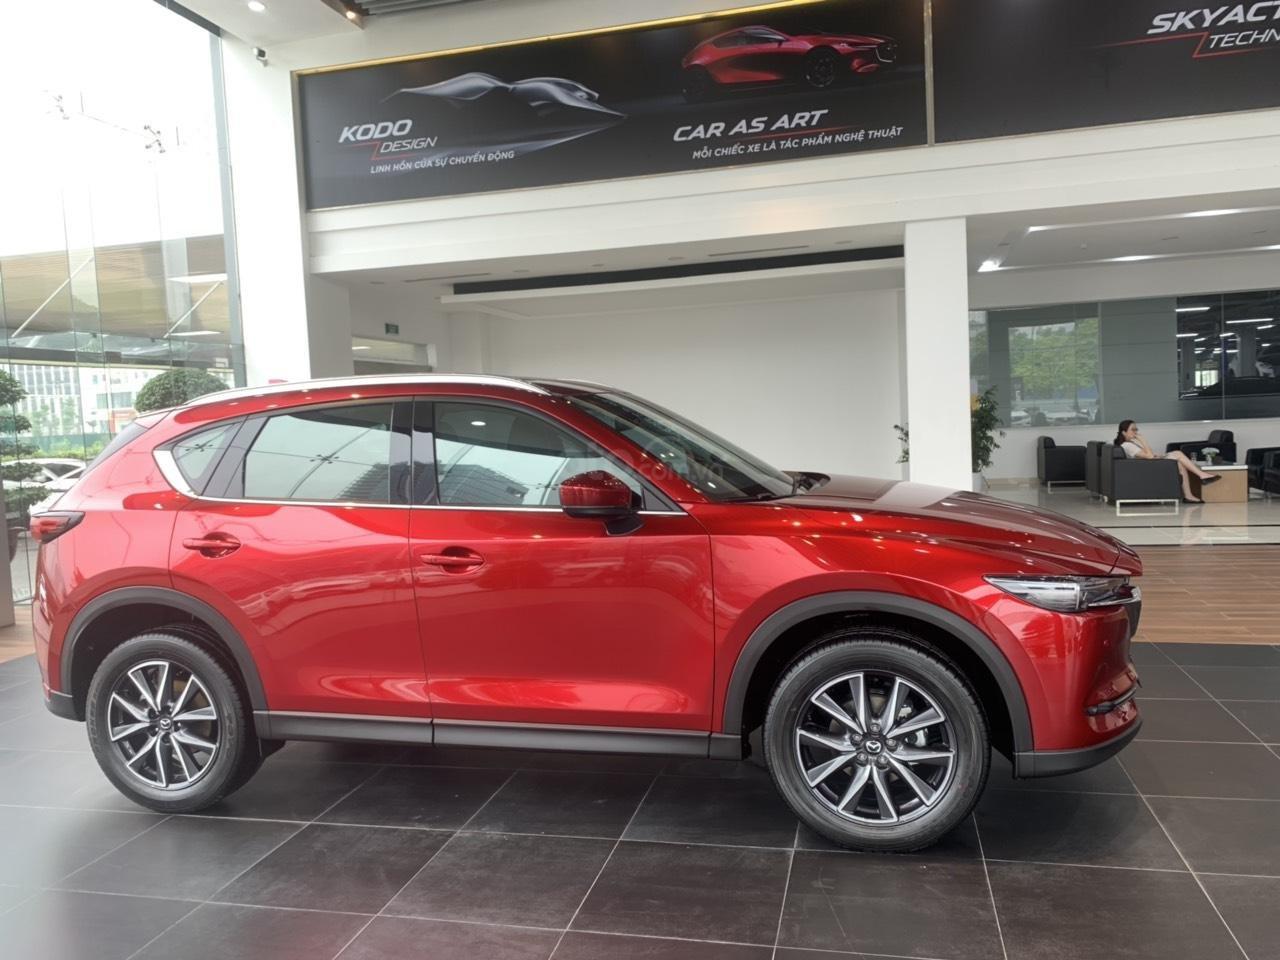 Mazda CX5 2.0 2019 ưu đãi T10 100tr, TG 90%, hỗ trợ giao xe, ĐKĐK, giải quyết nợ xấu, LH 0981 485 819 (10)